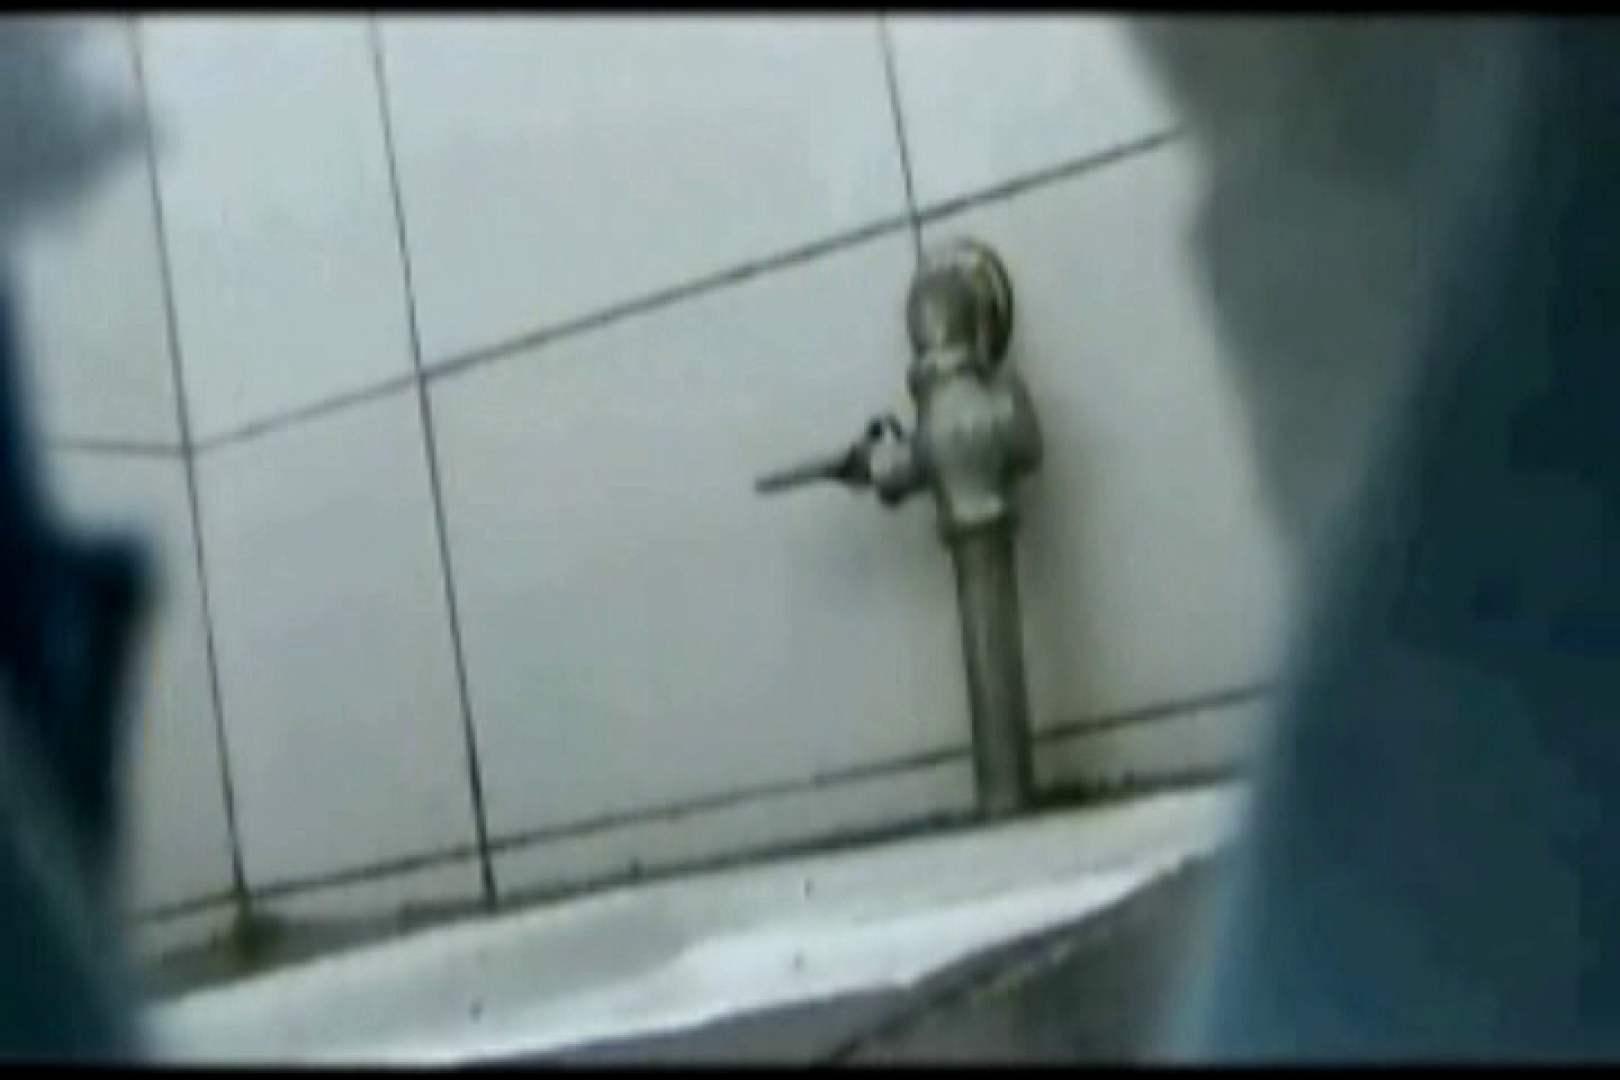 ぼっとん洗面所スペシャルVol.15 小悪魔ギャル | 洗面所  36連発 29